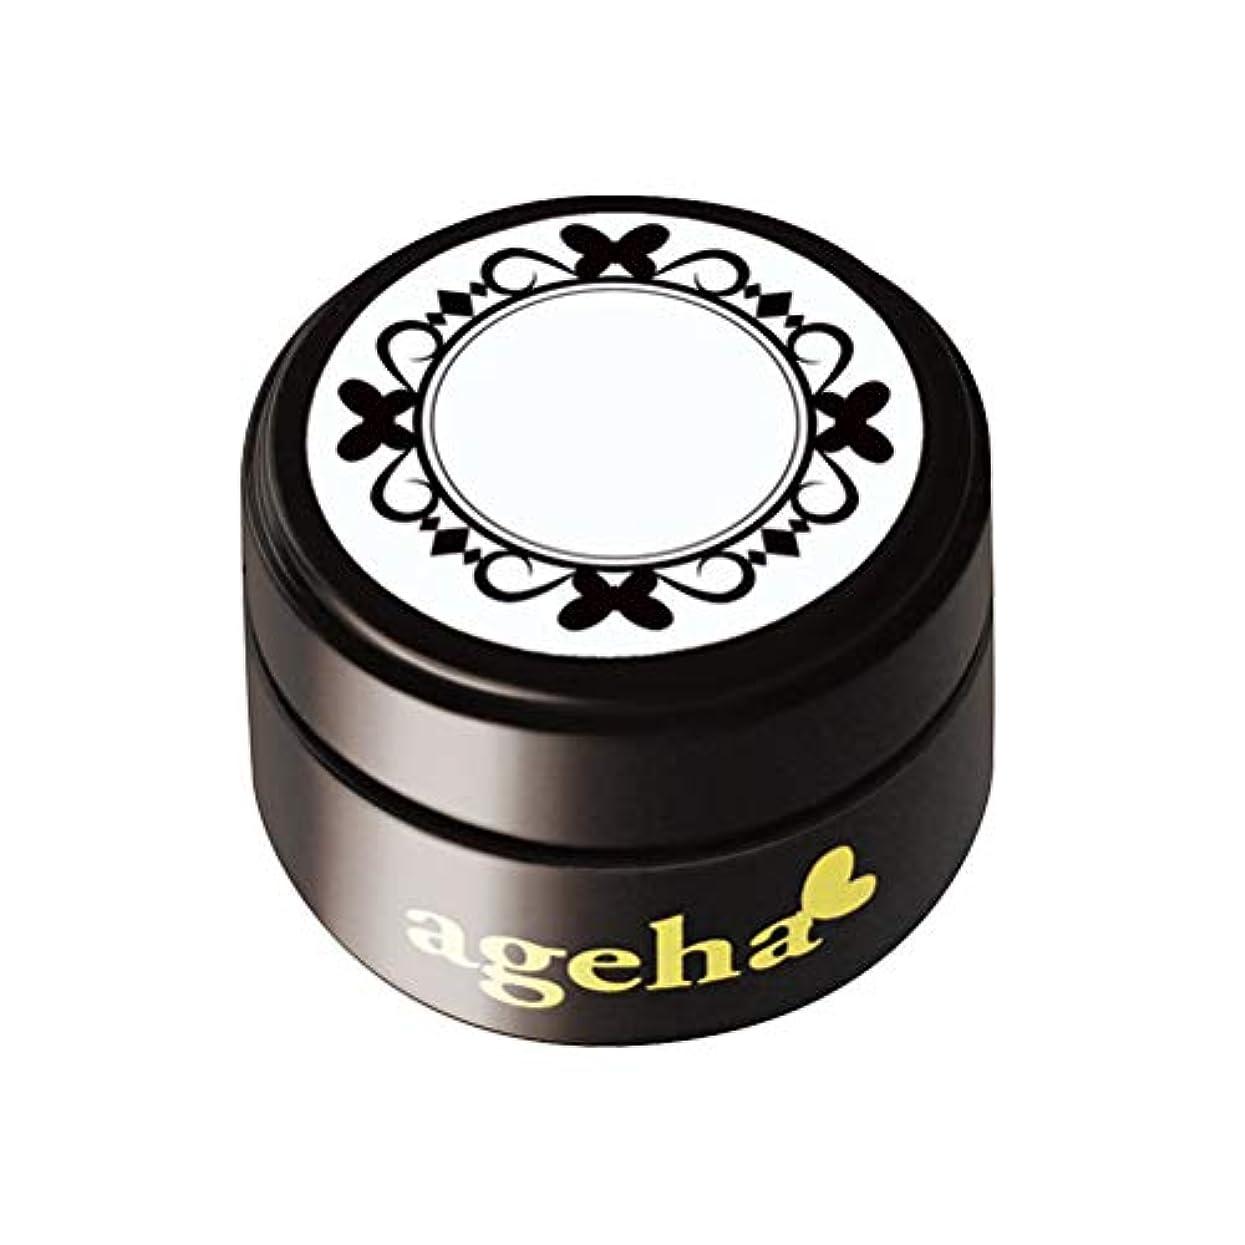 実験削除する世界ageha カラージェル コスメカラー 134 ラパン G?MIX シアー?グリッター 2.7g UV/LED対応